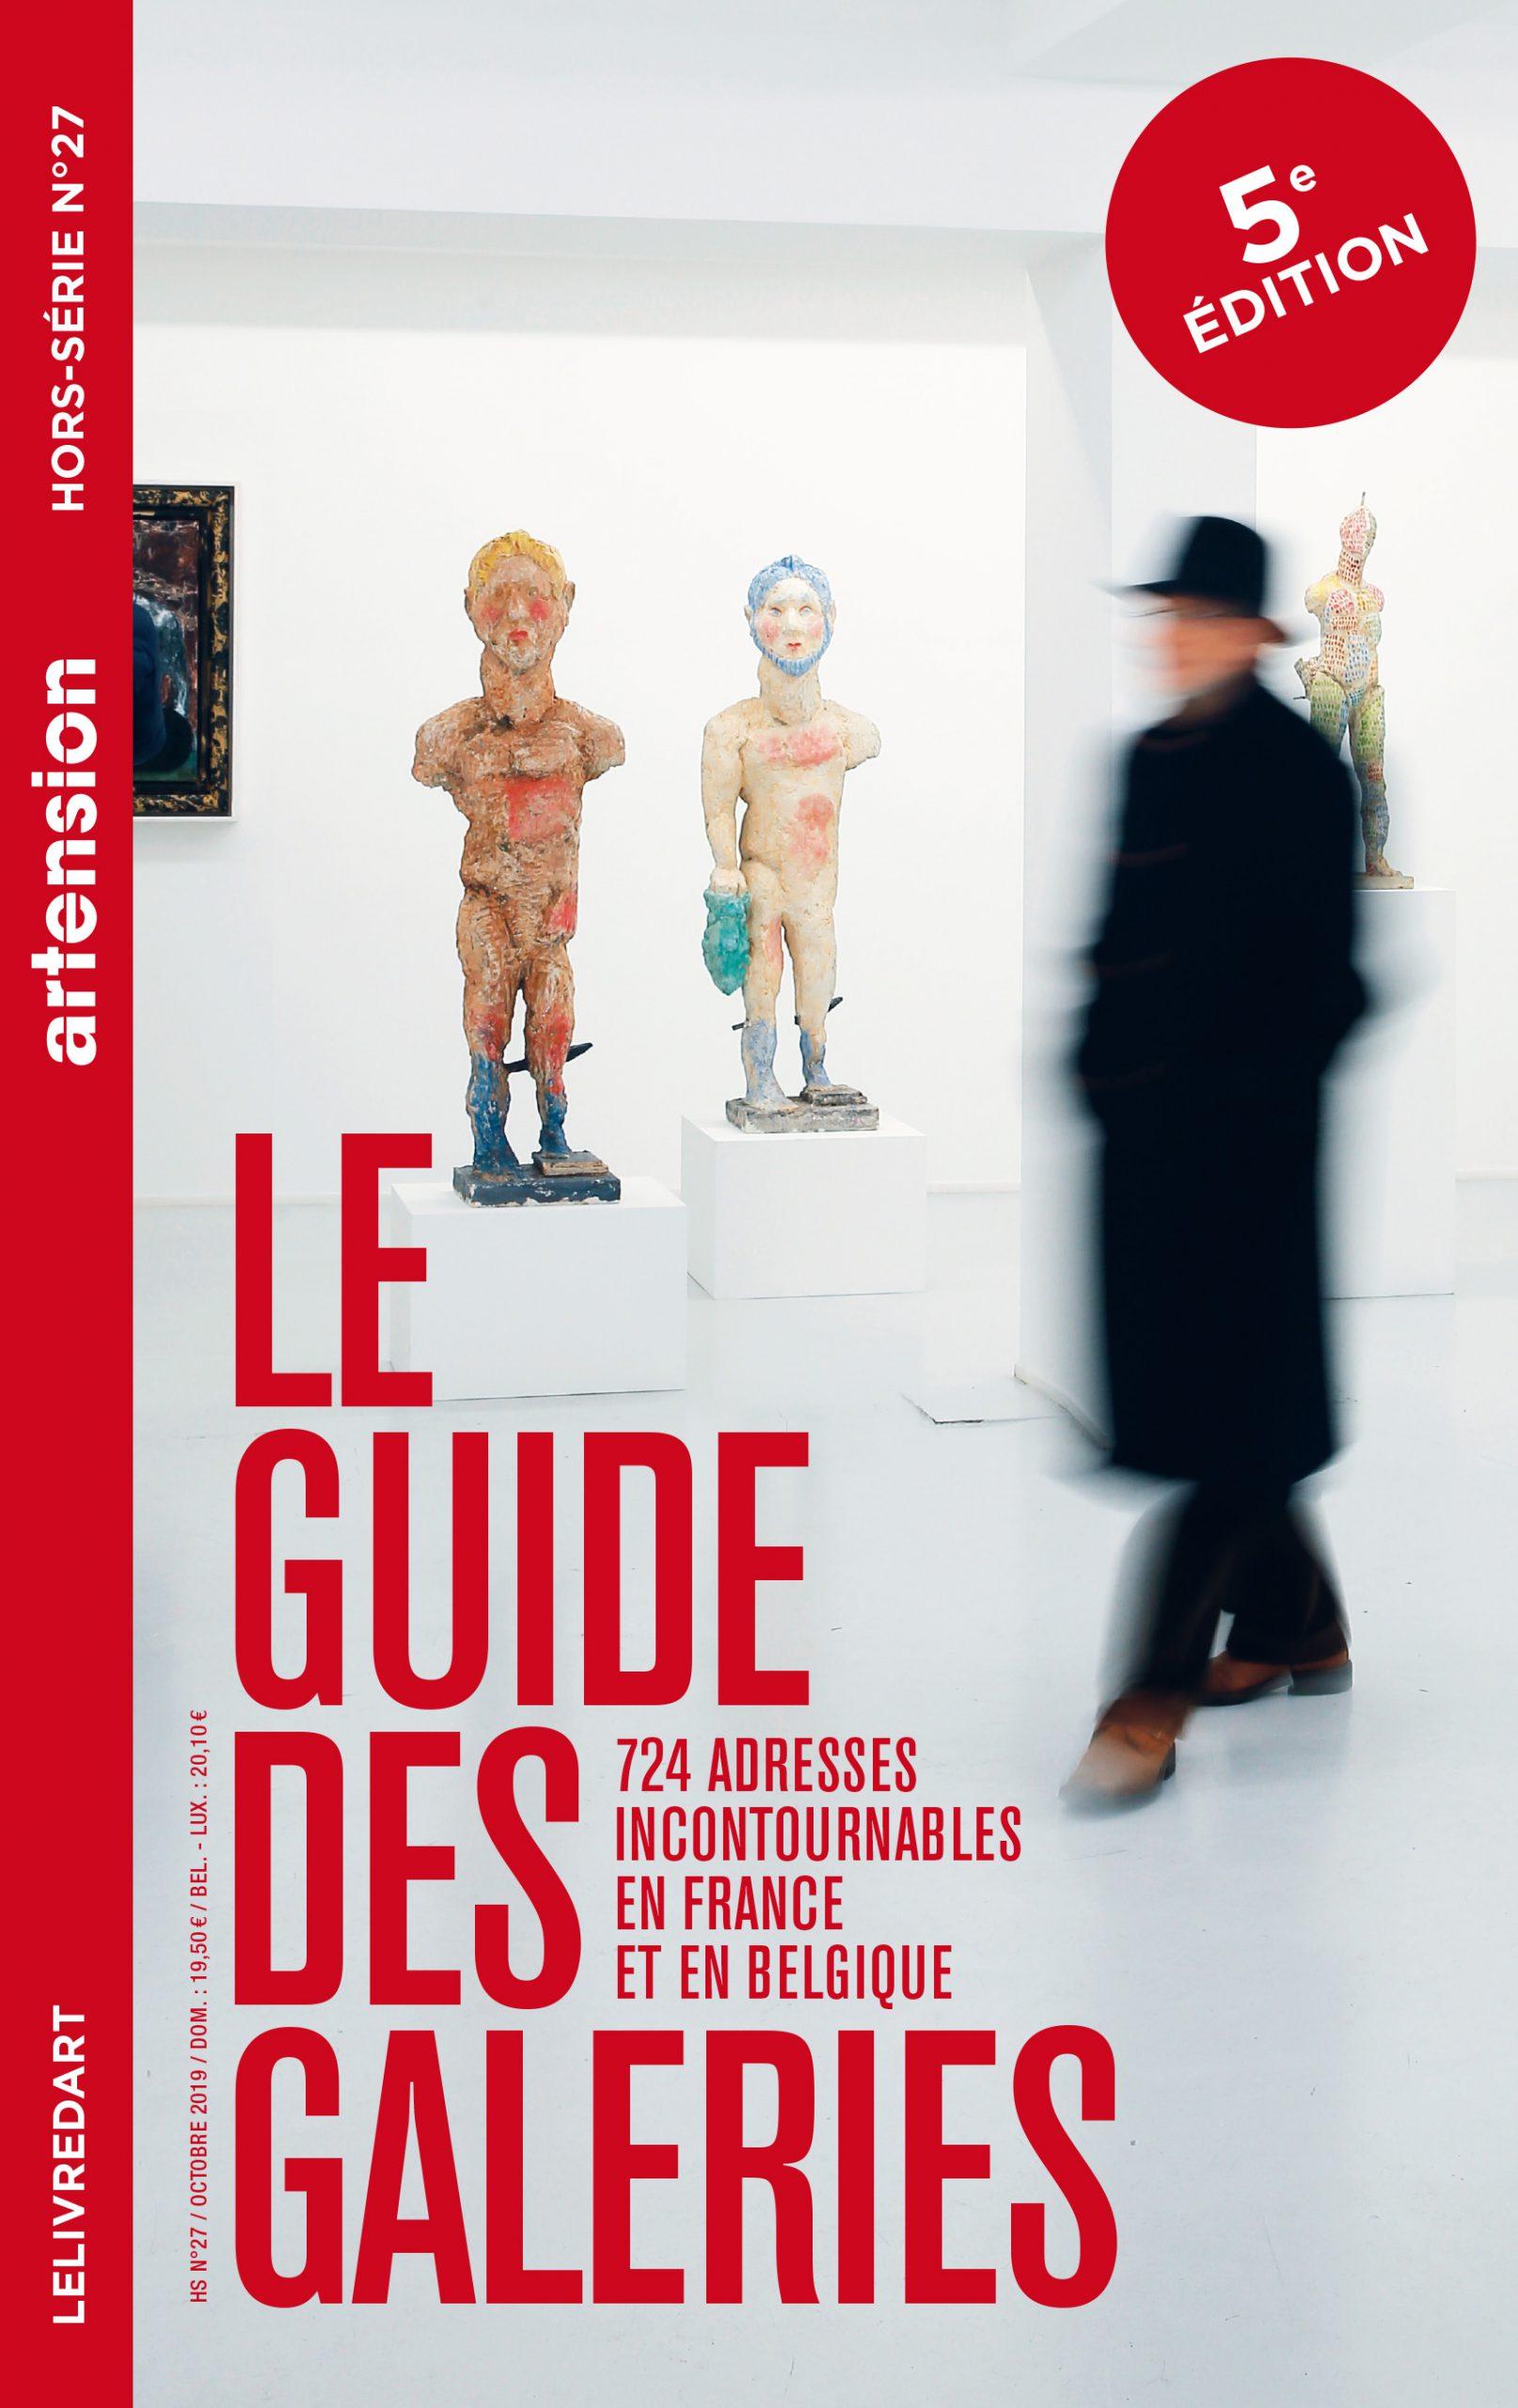 Le Guide des galeries